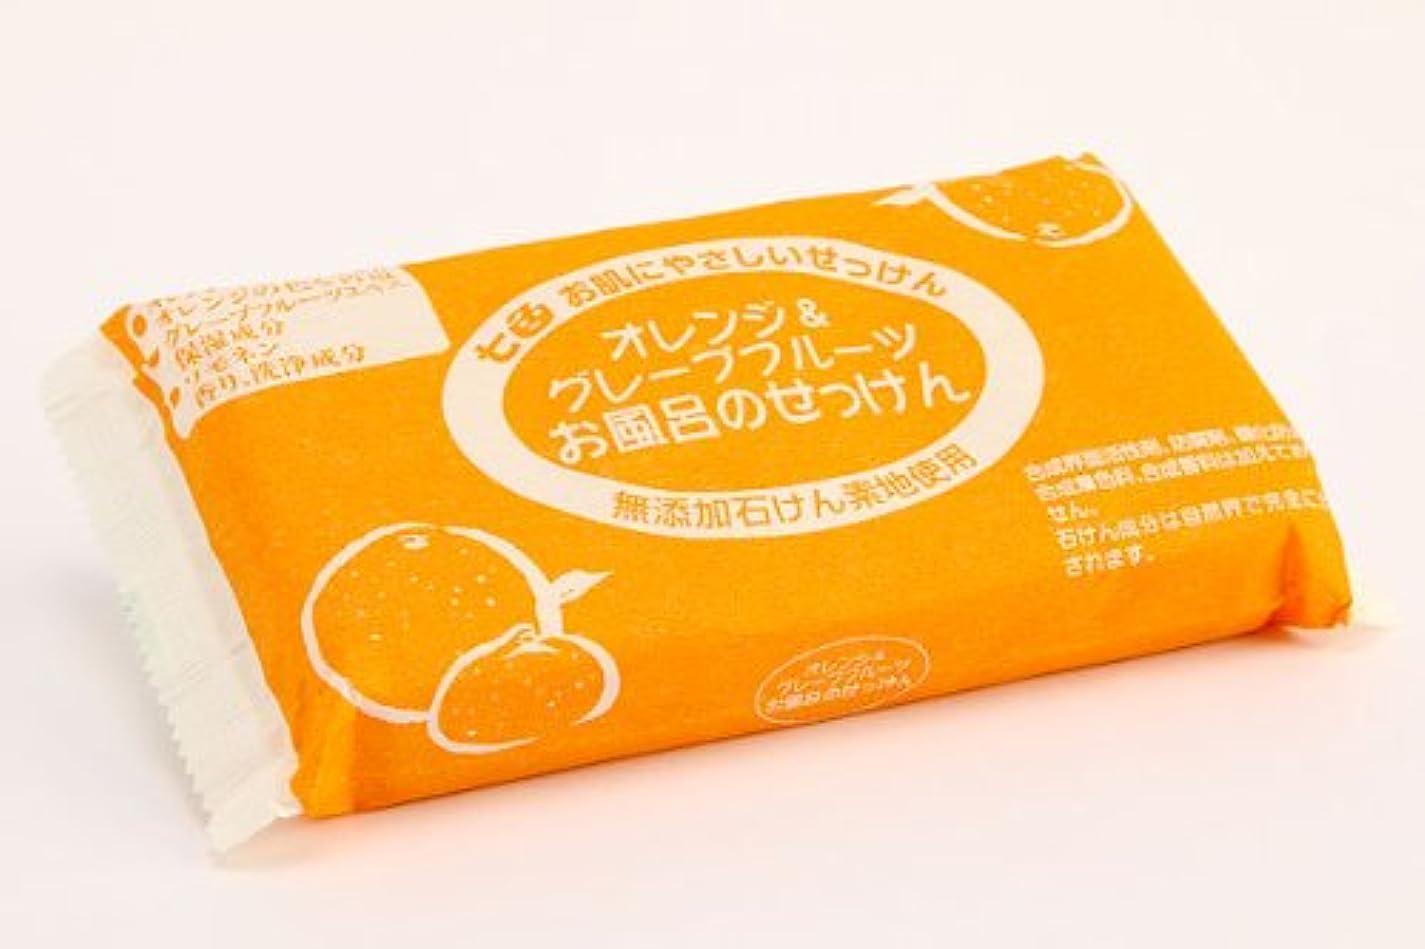 ペチコート一般的なトラックまるは油脂化学 七色石けん オレンジ&グレープフルーツお風呂の石けん3P 100g×3個パック